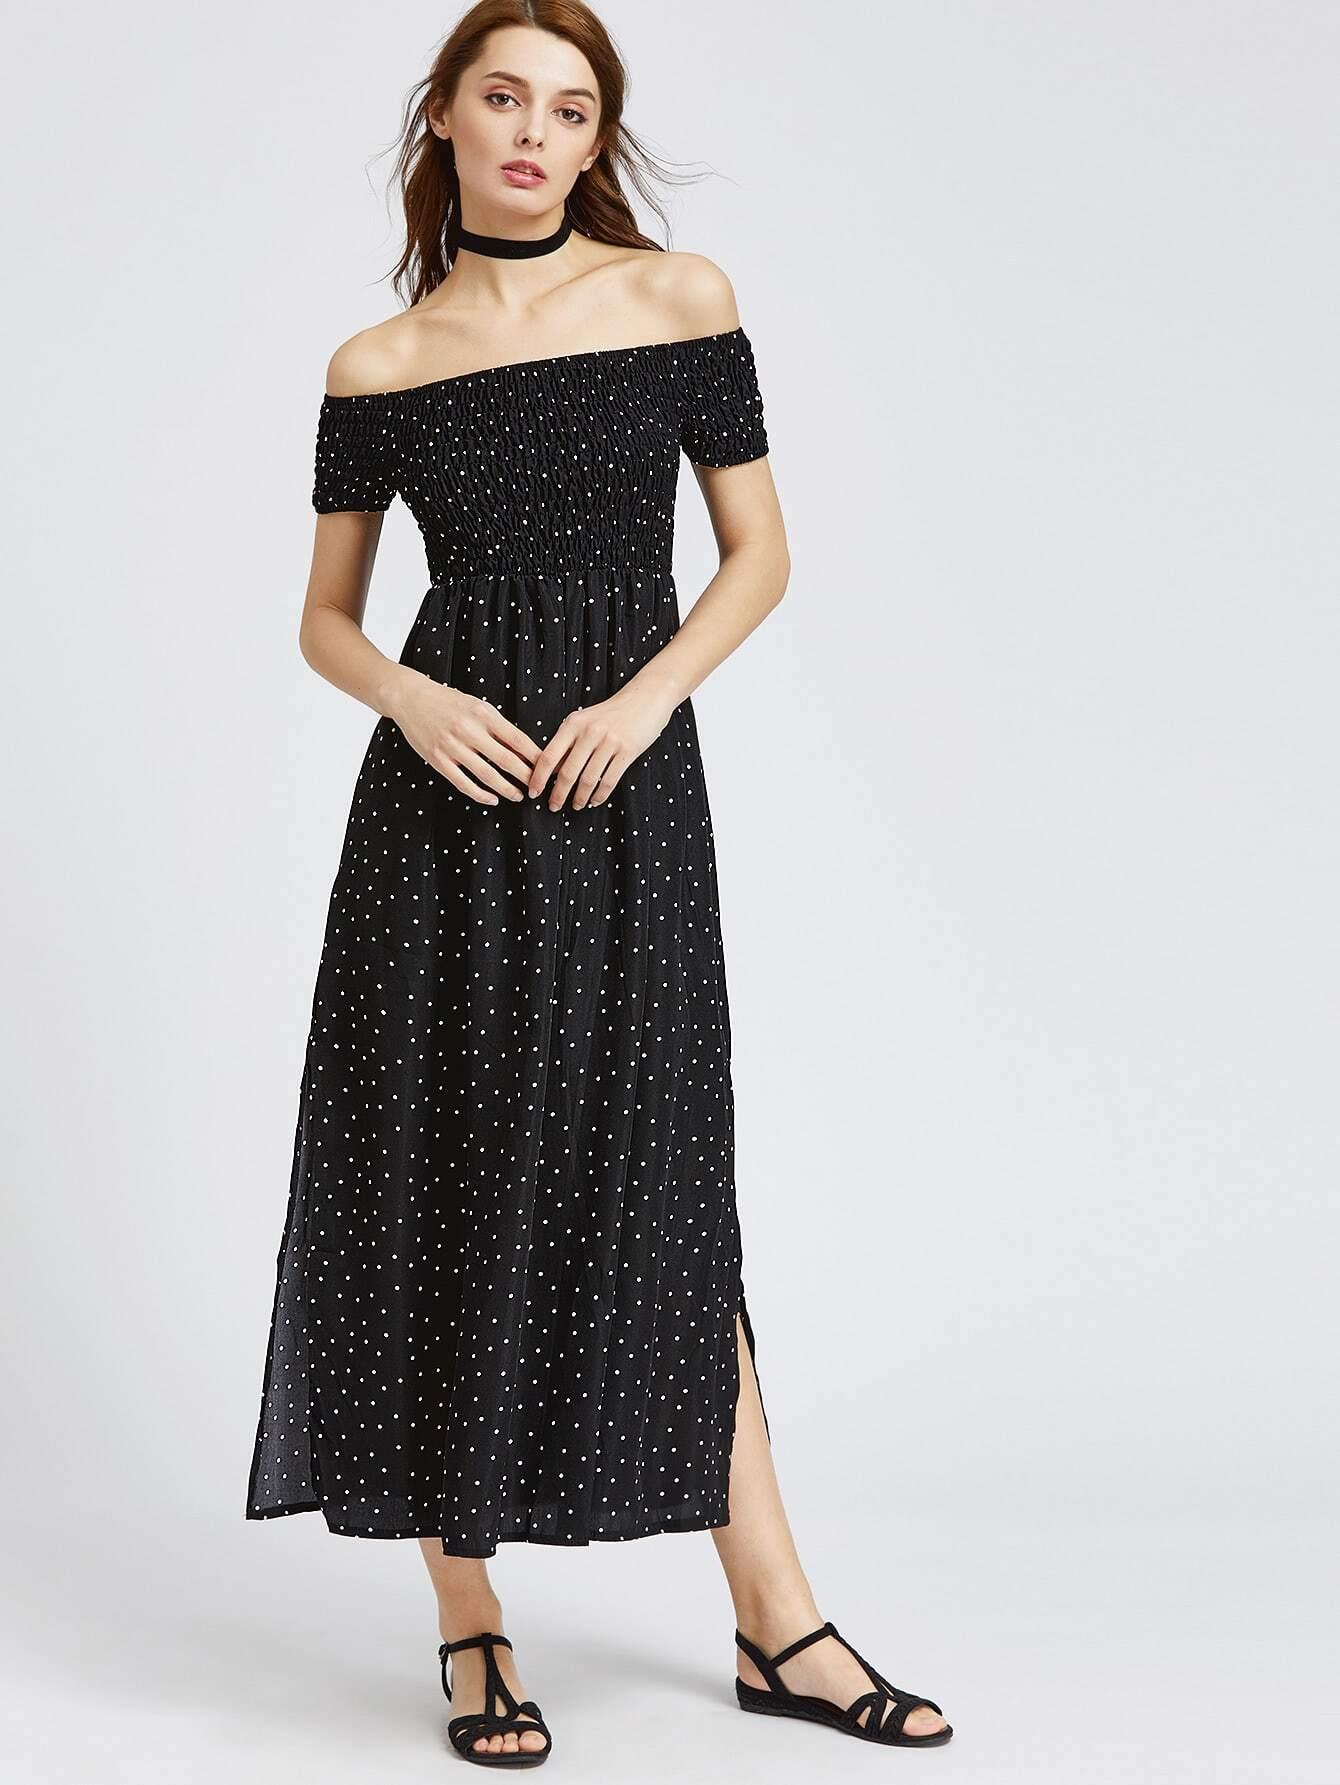 dress170308301_2